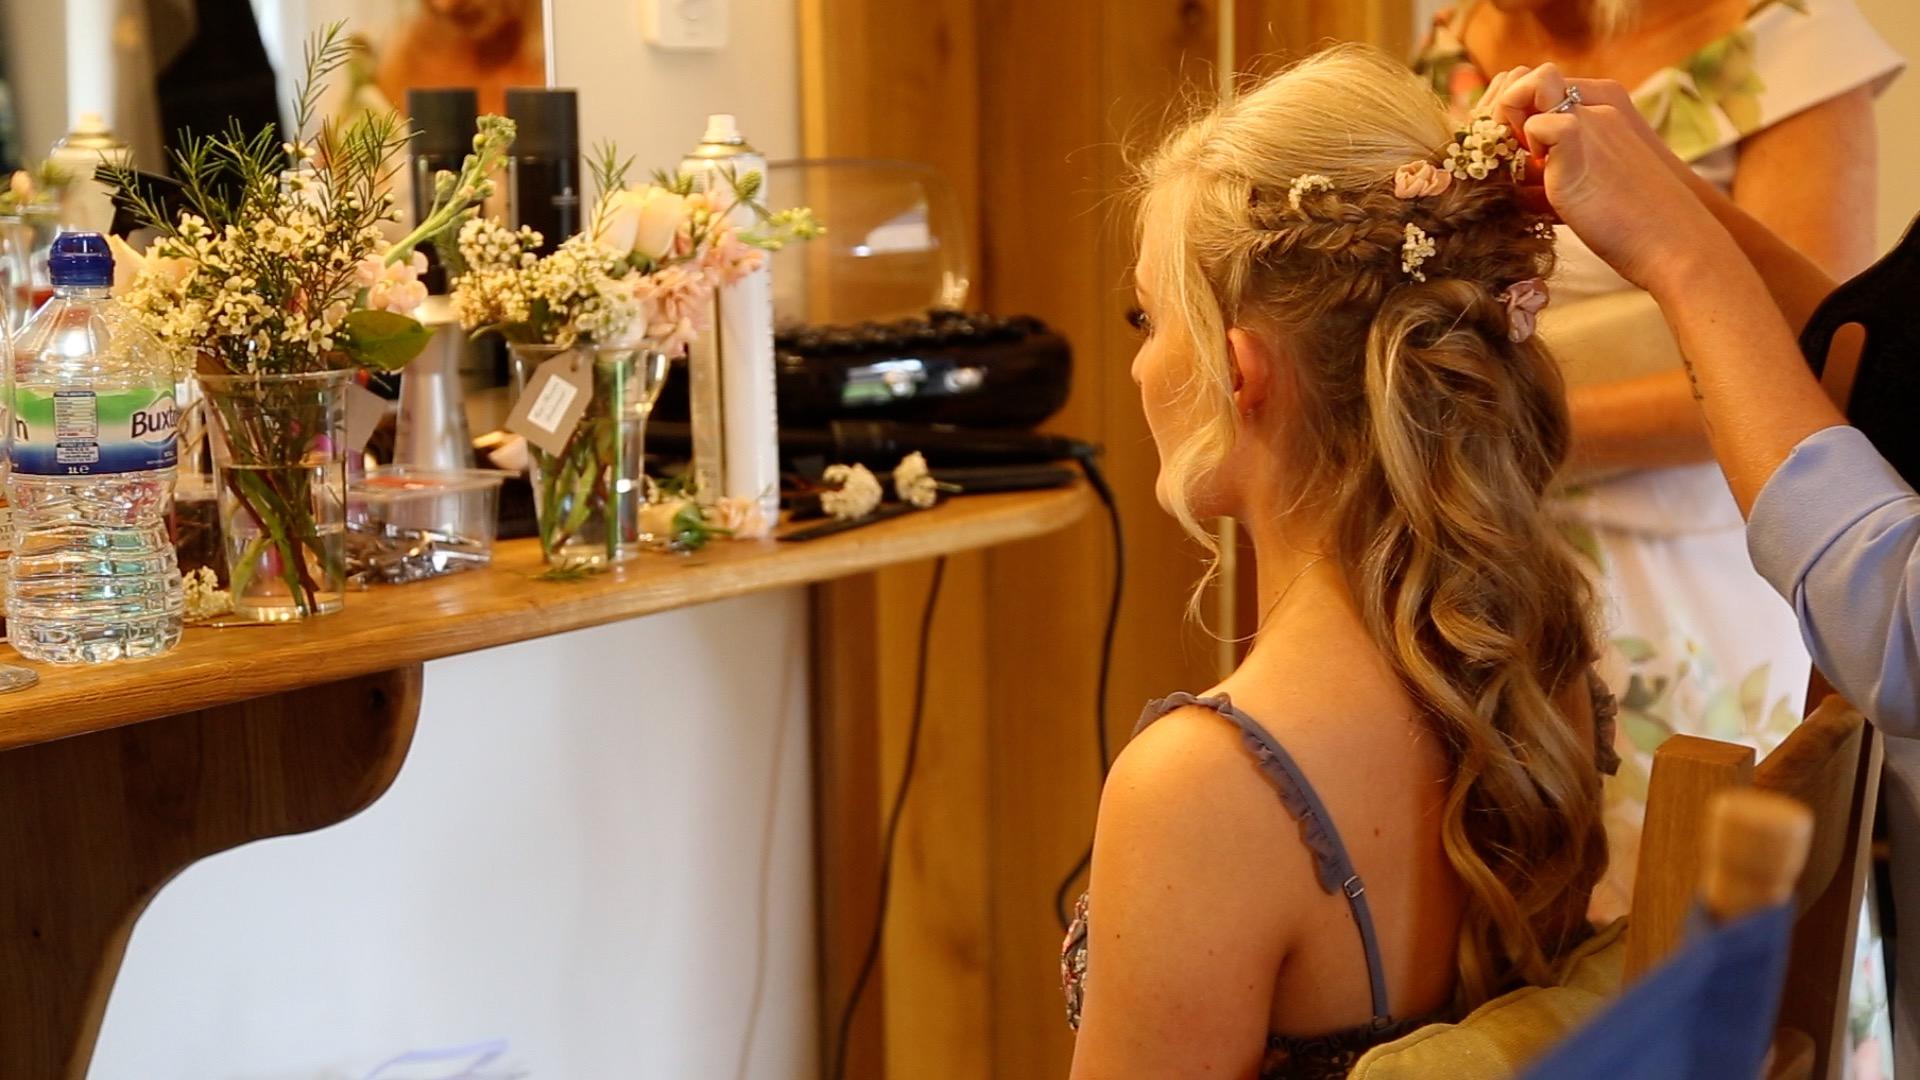 Molly & Jack - Full edit flower hair.jpg